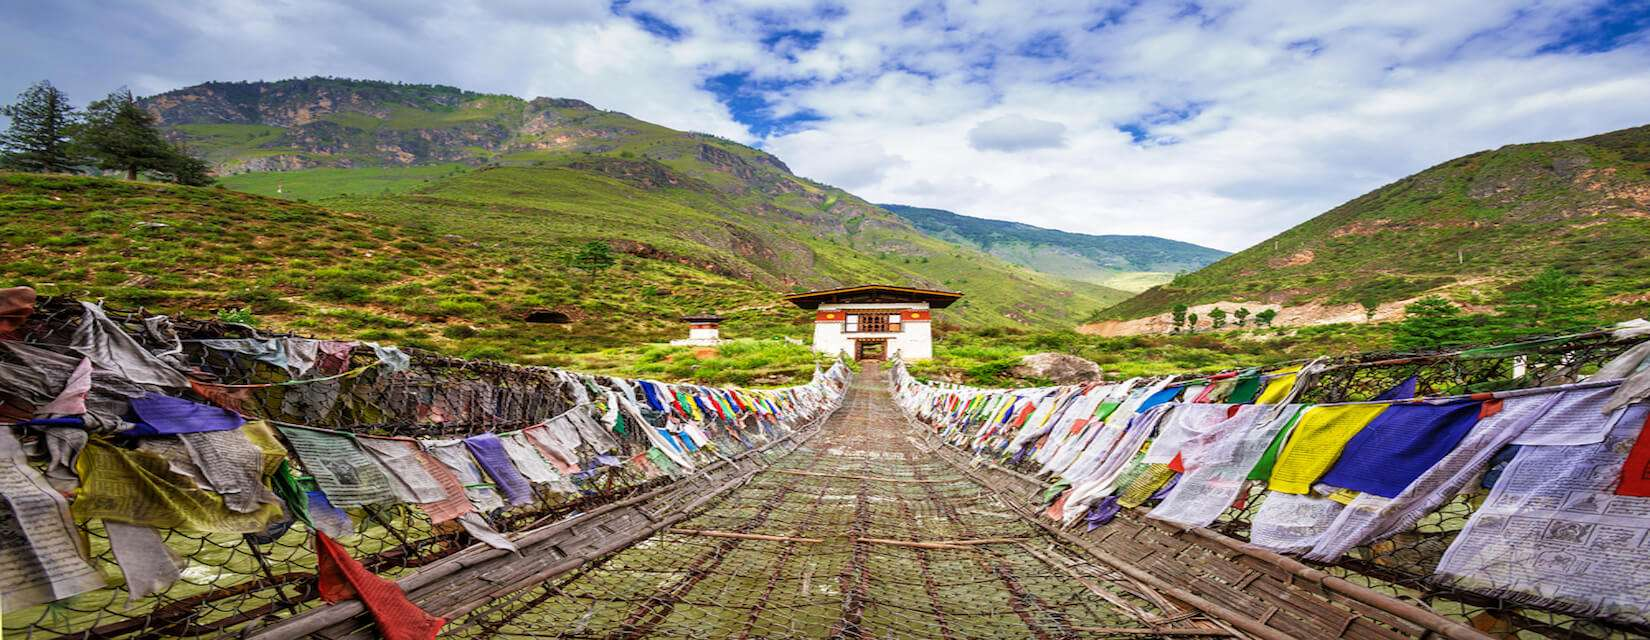 Tibet Tour - Himalayan Frozen Adventure